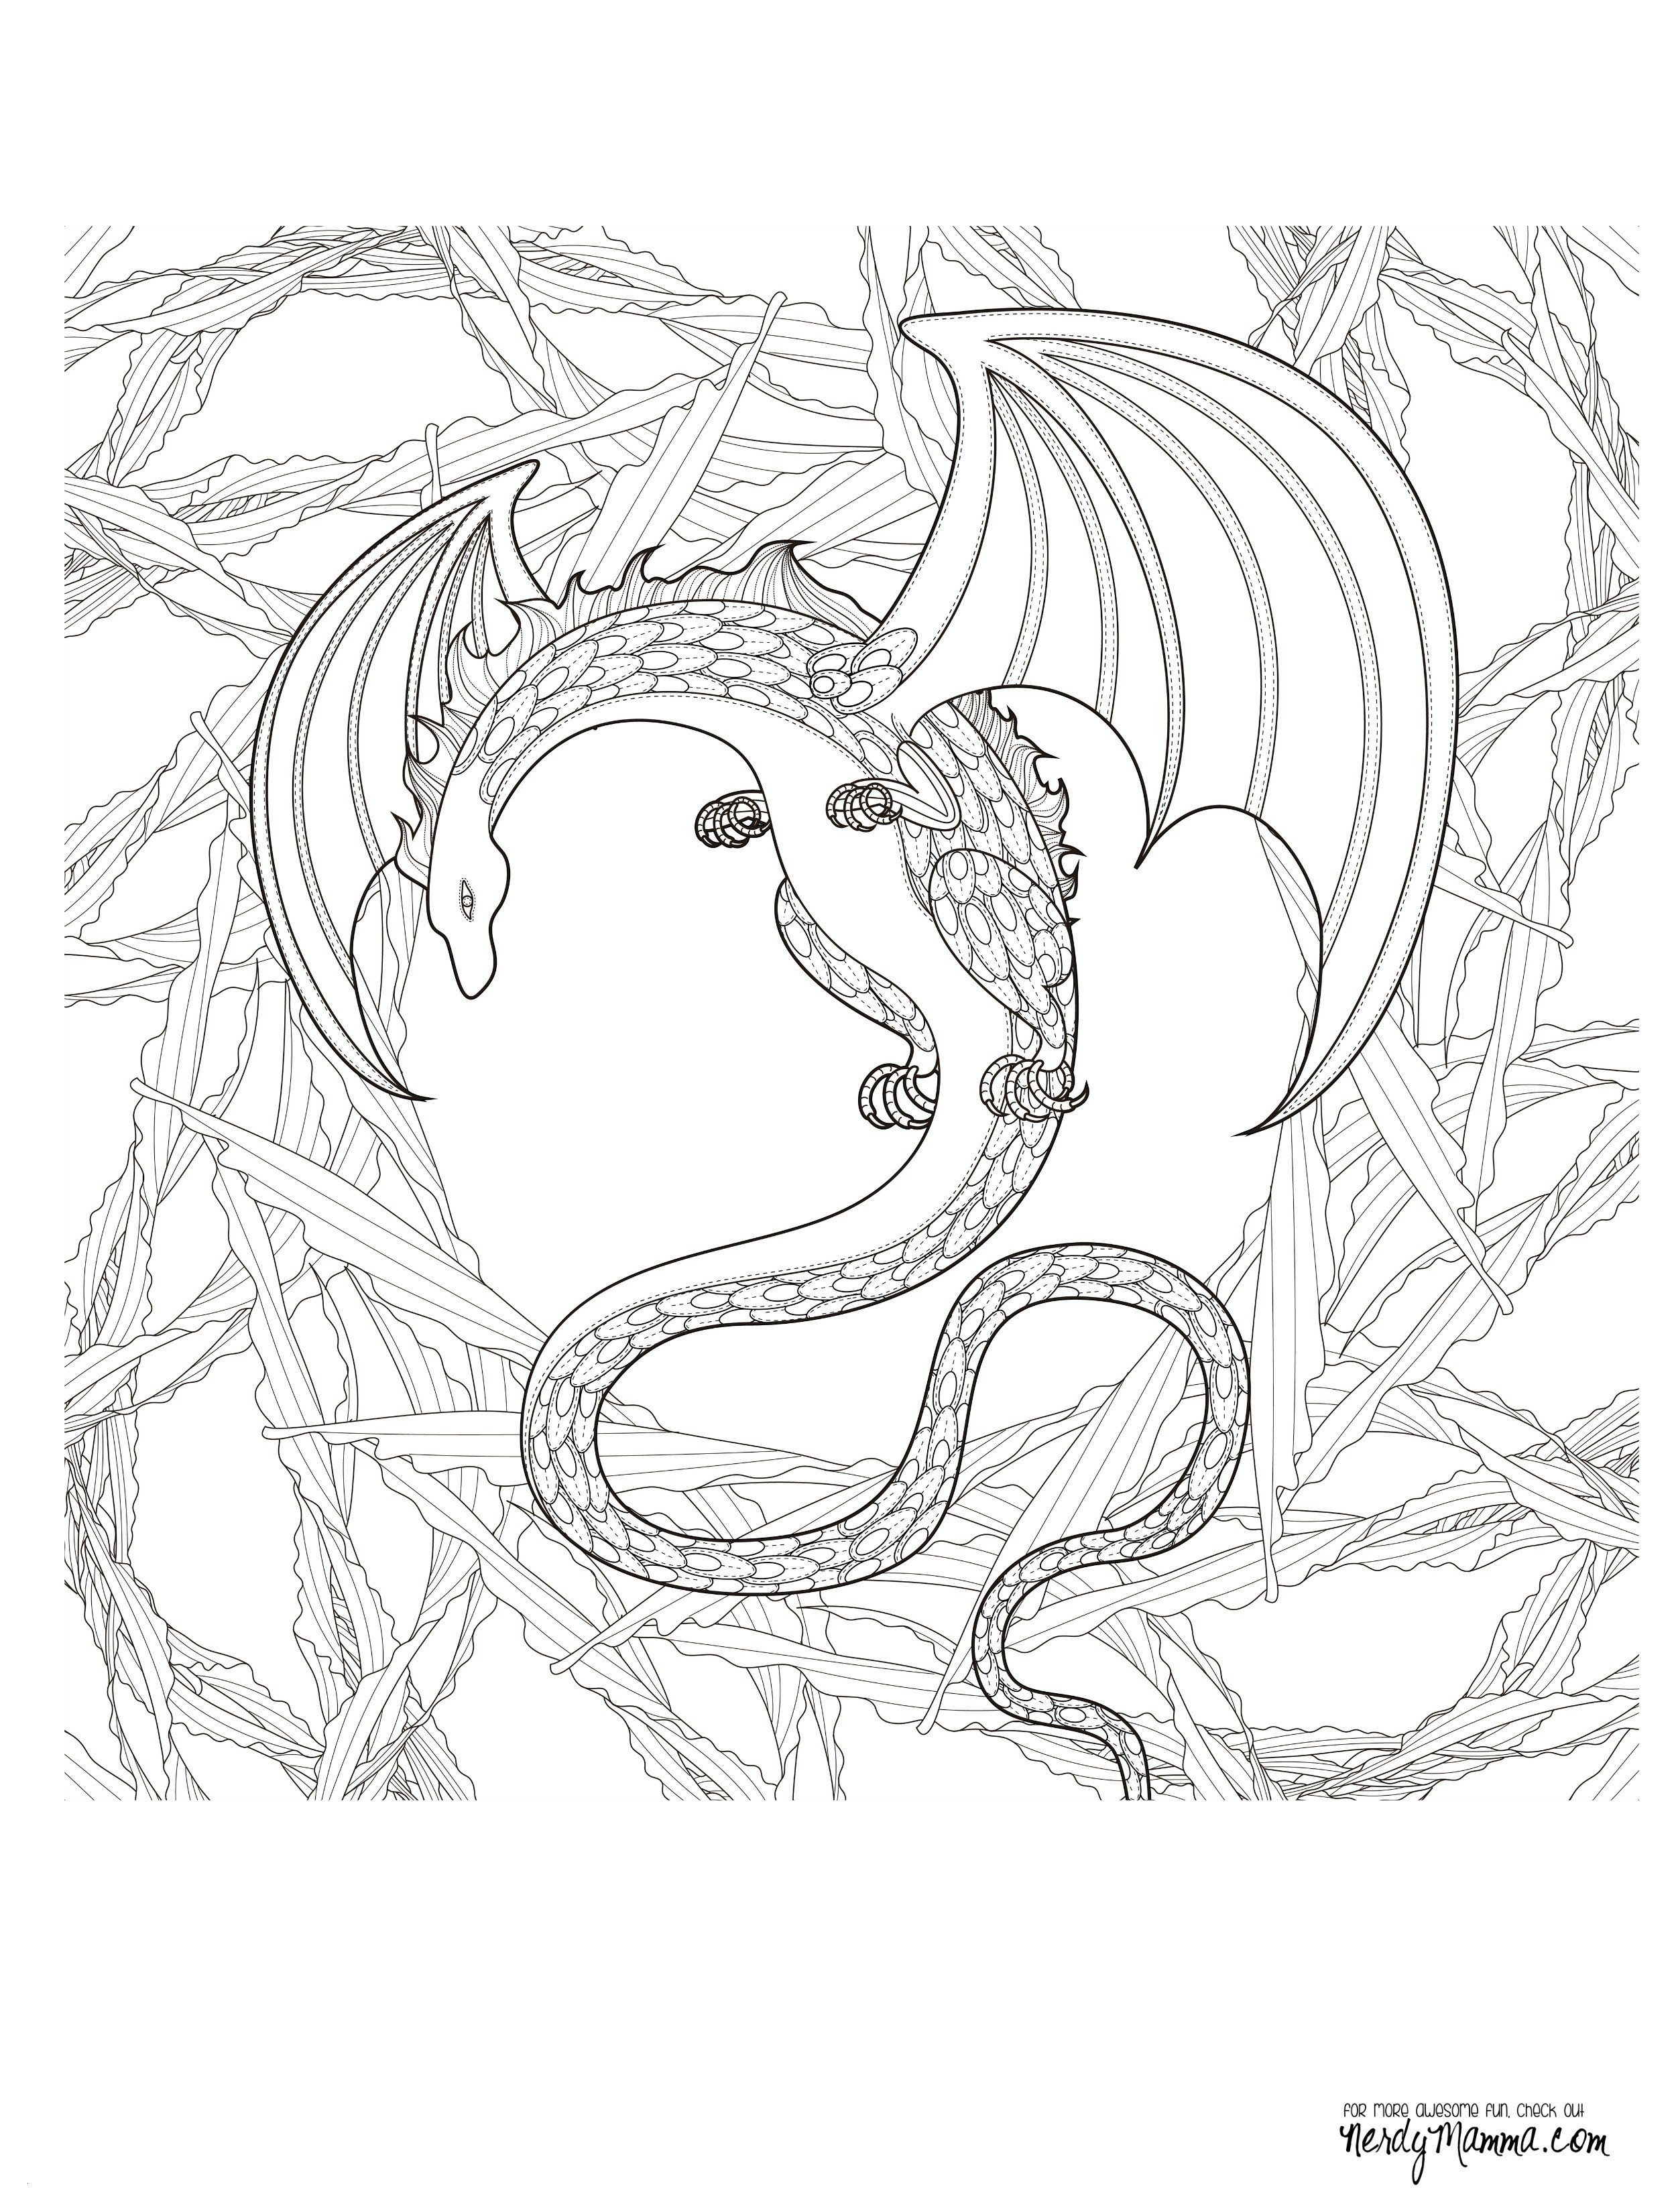 Ausmalbilder Kostenlos Violetta Genial Ausmalbilder Violetta Einzigartig 25 Erstaunlich Ausmalbilder Sammlung